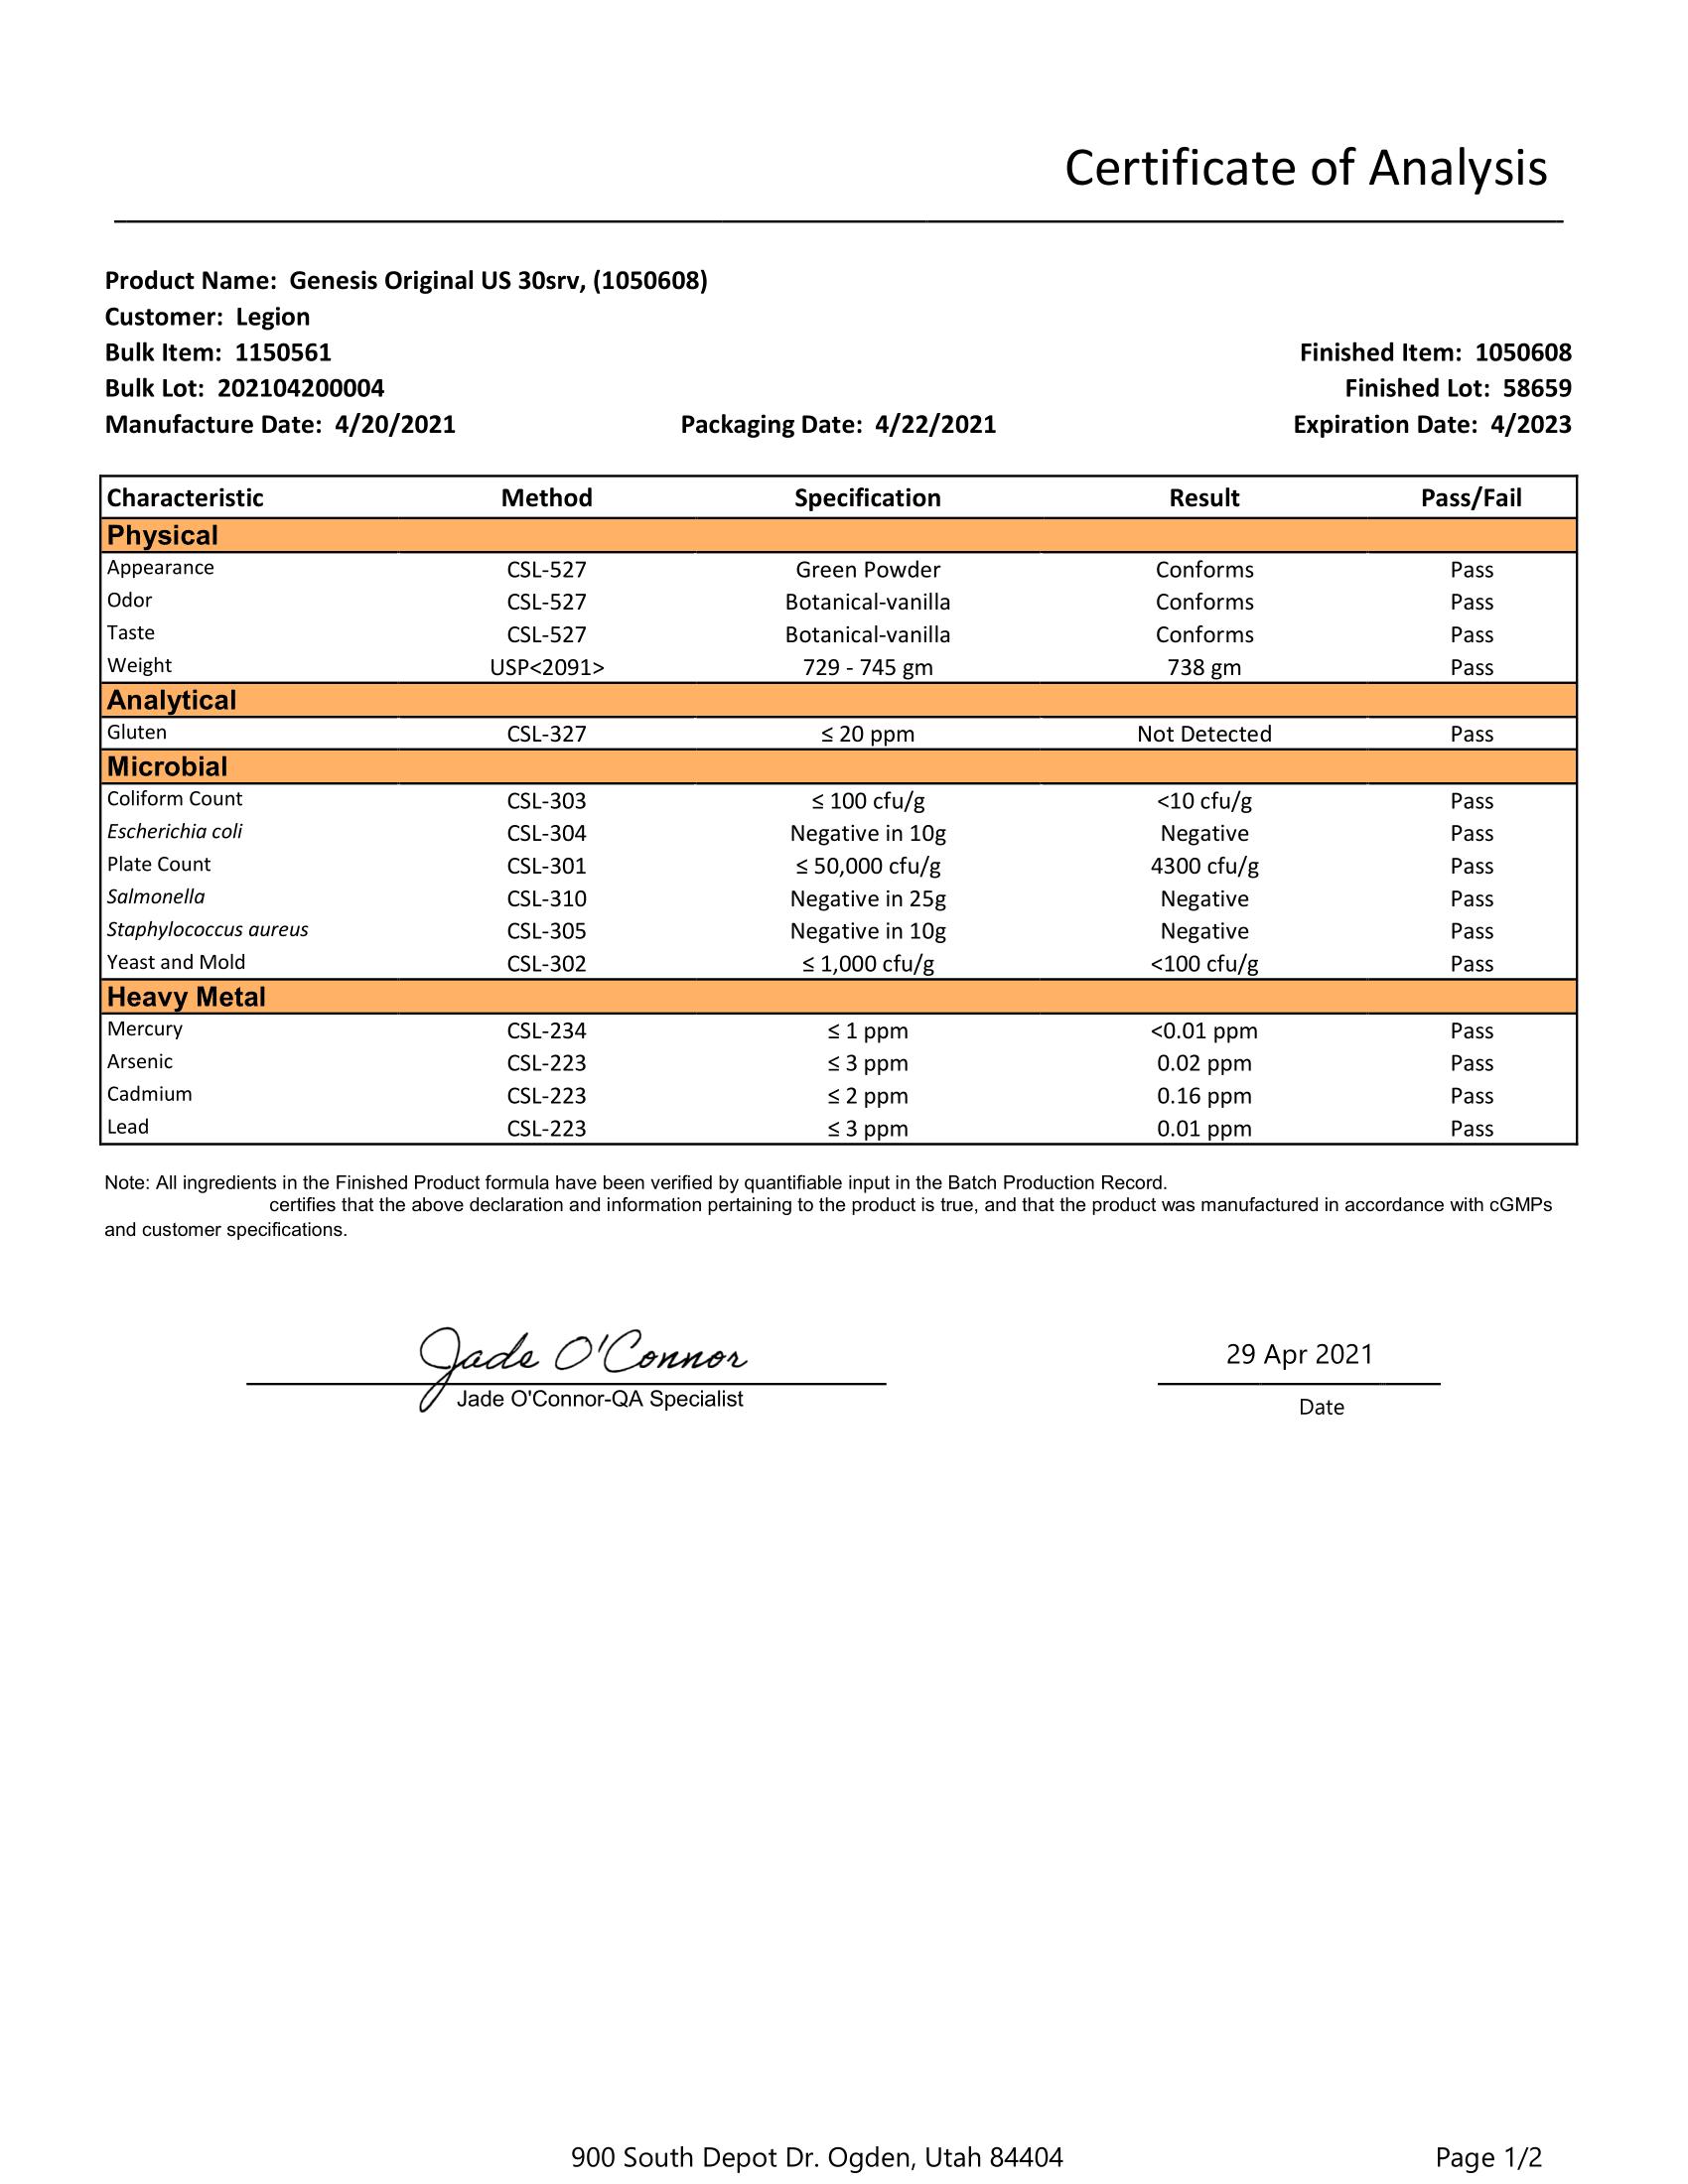 Genesis Lab Test Certificate